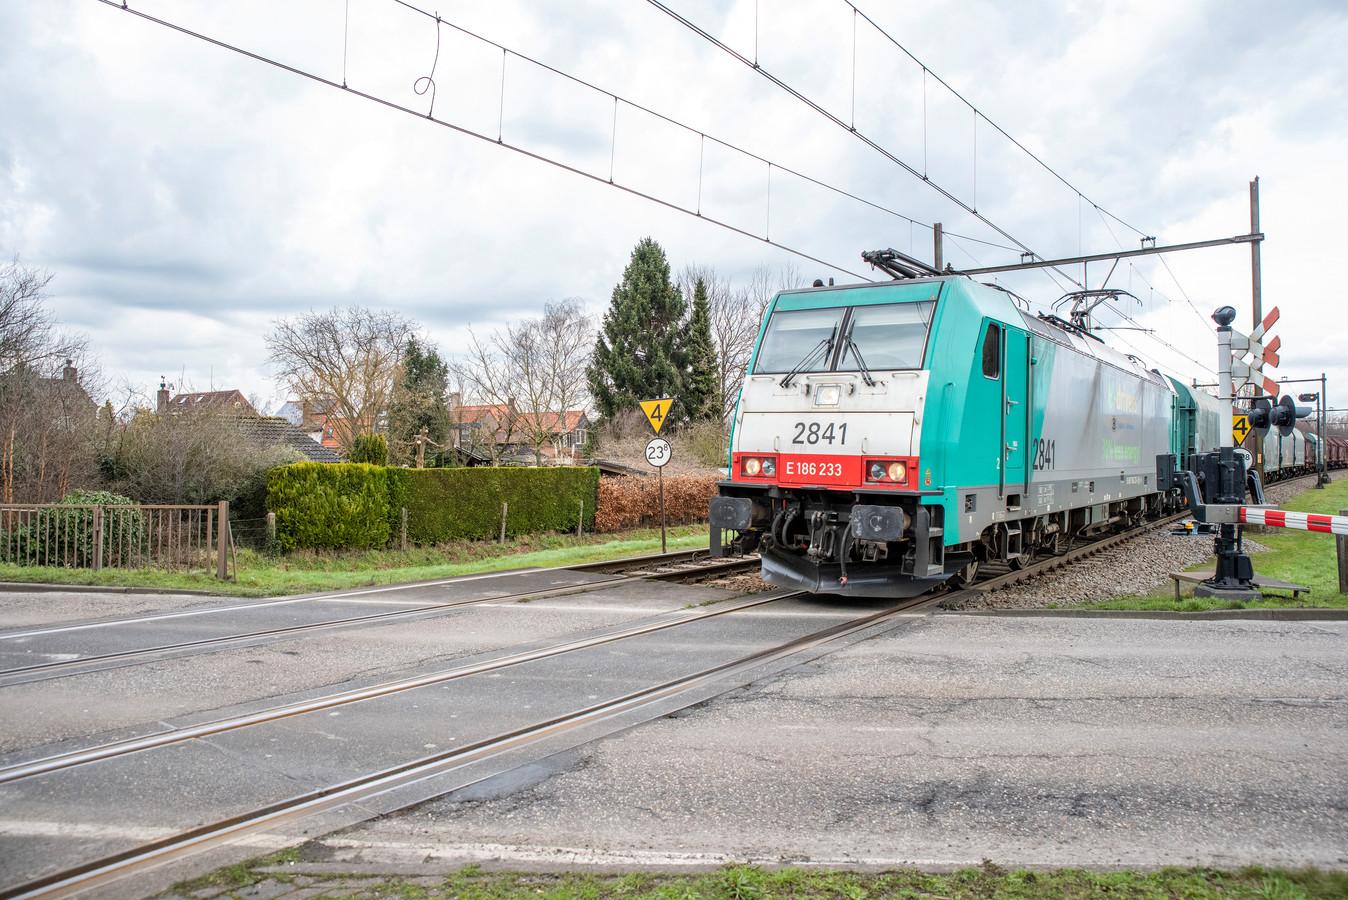 Goederentreinen rijden nu nog dwars door de Roosendaalse wijk Tolberg, zoals hier bij een spoorwegovergang op de Willem Dreesweg.